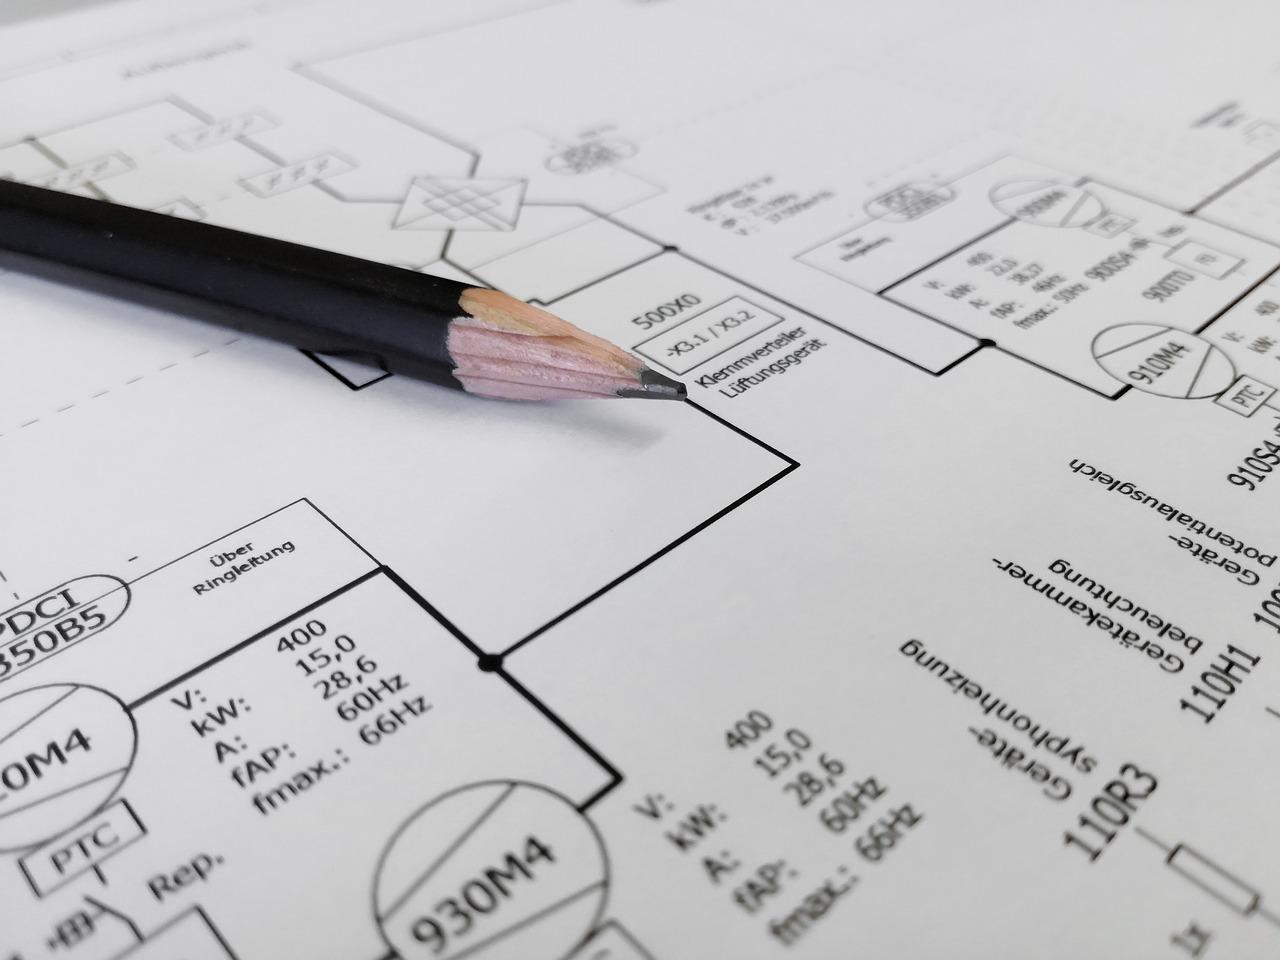 Schematy elektryczne – oznaczenia schematu elektrycznego